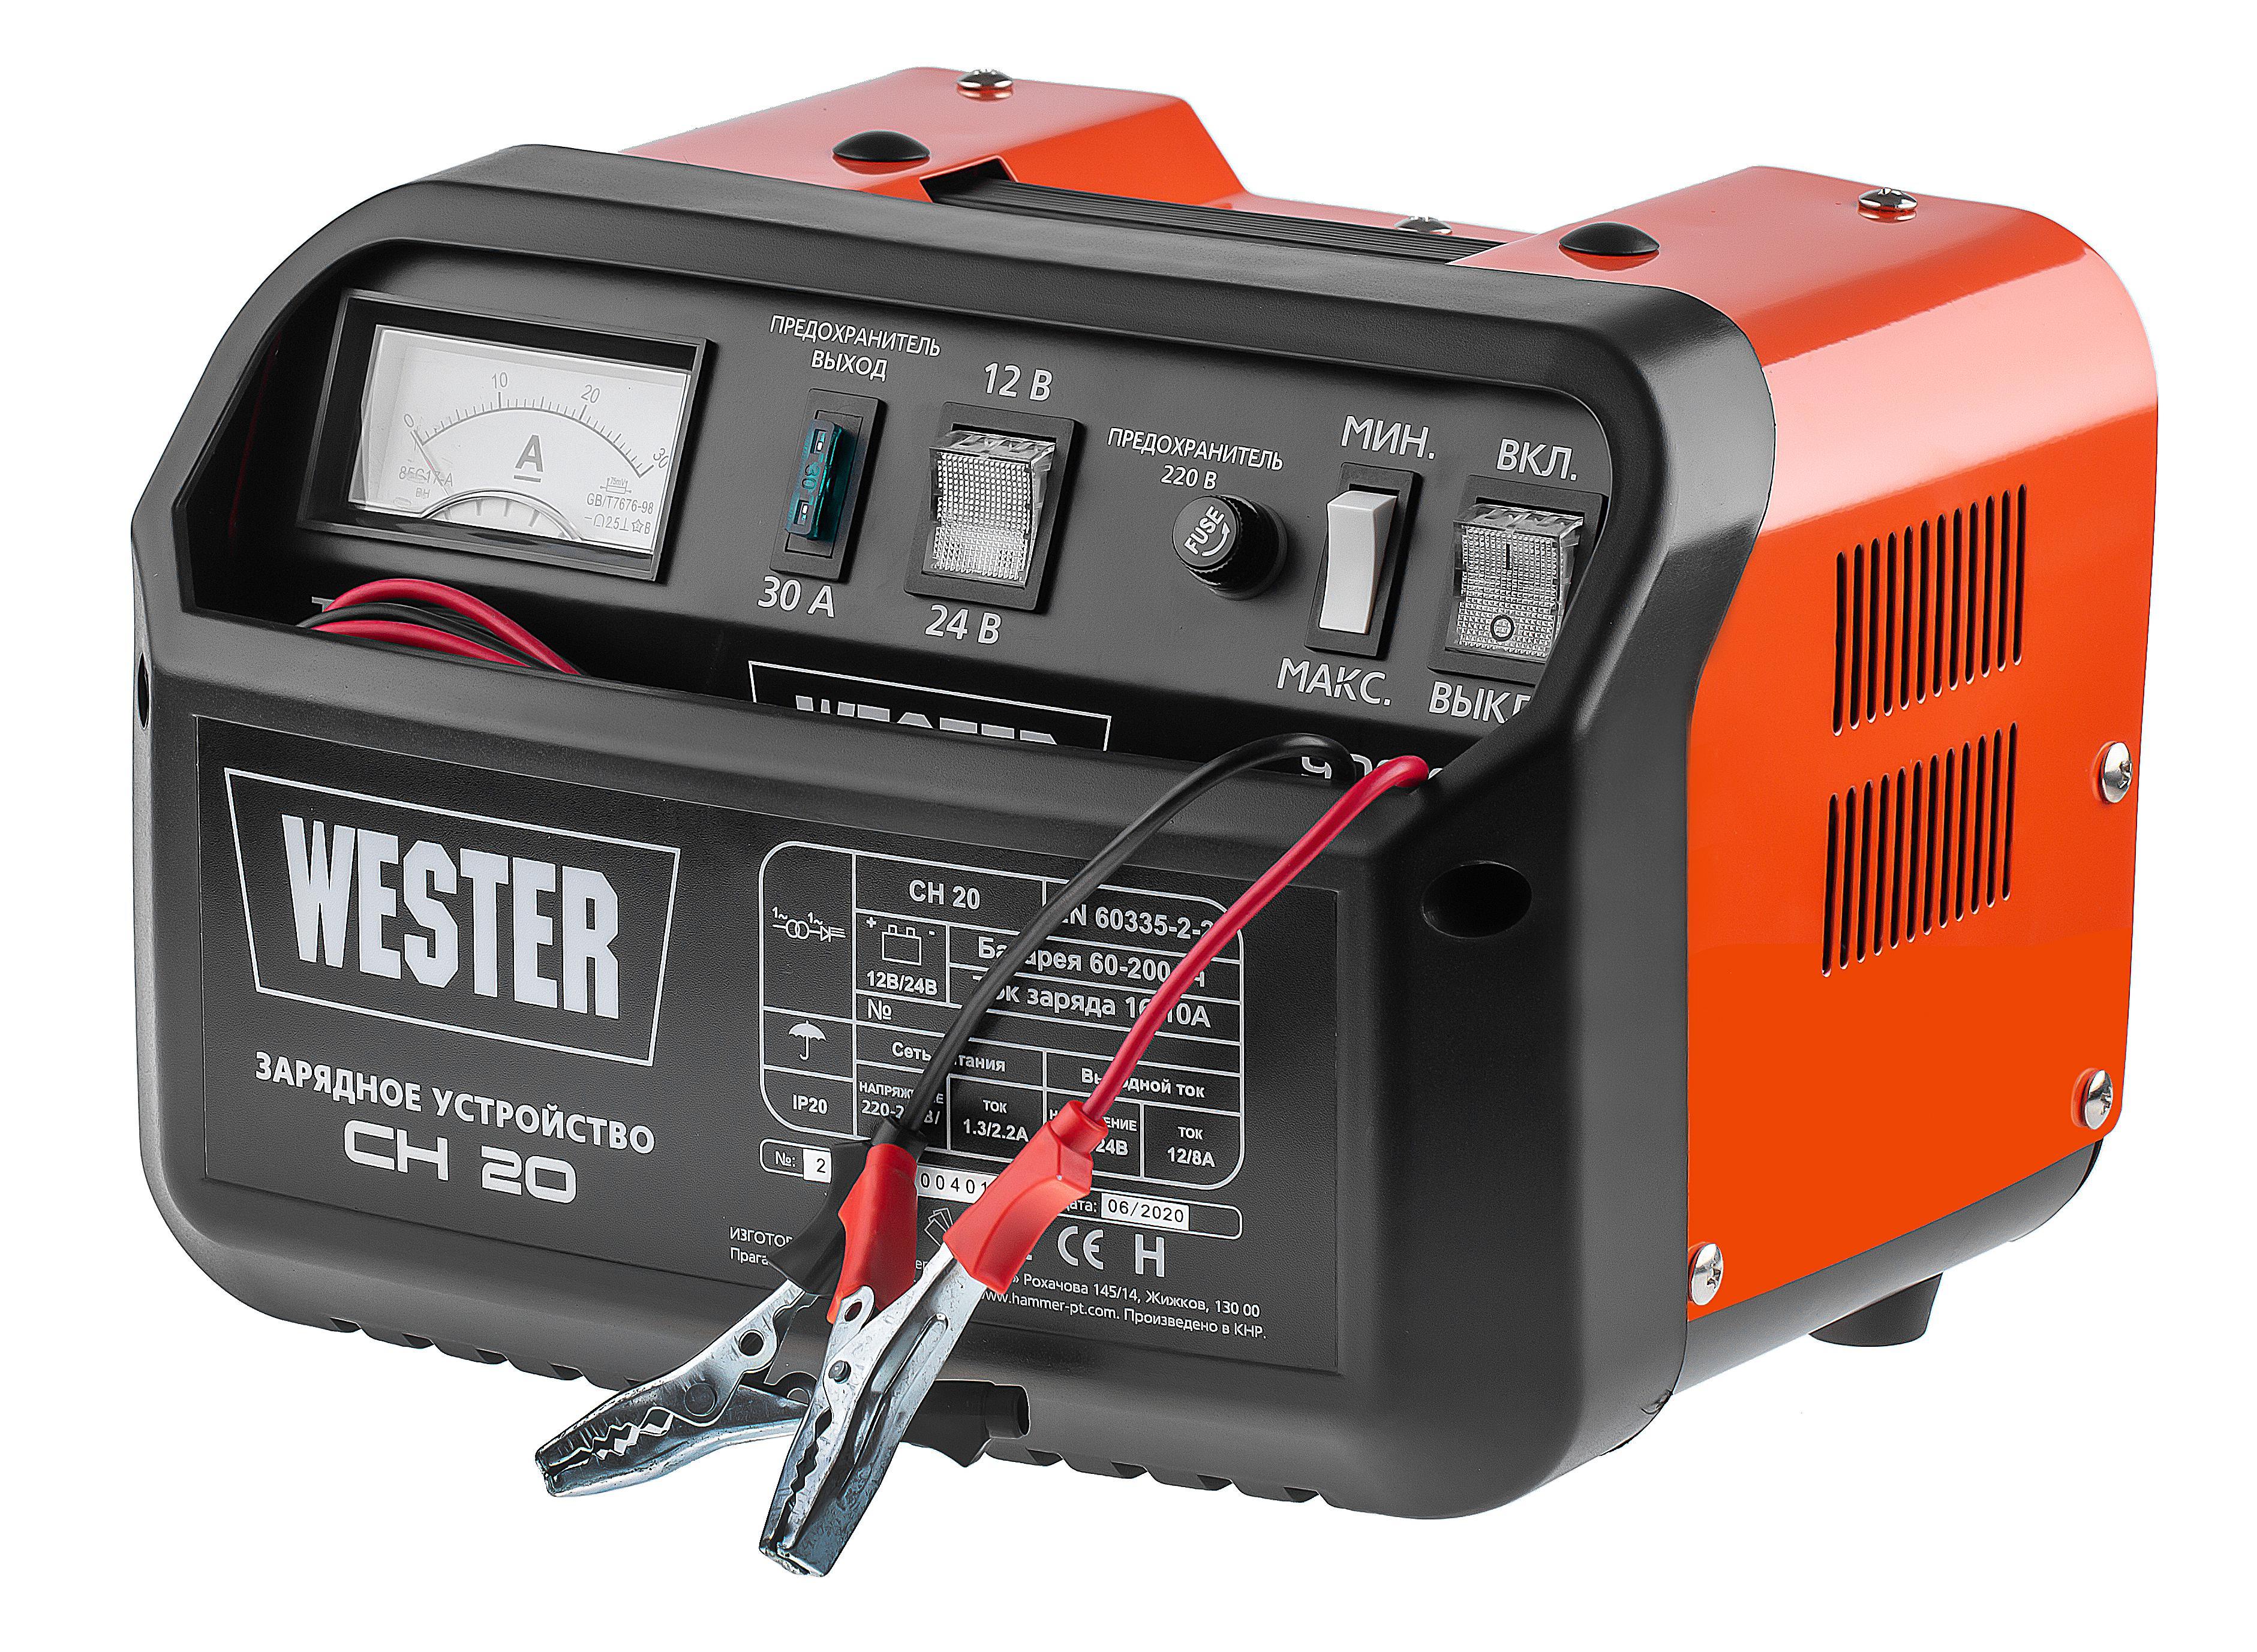 Устройство зарядное Wester Ch20 устройство зарядное wester ch20